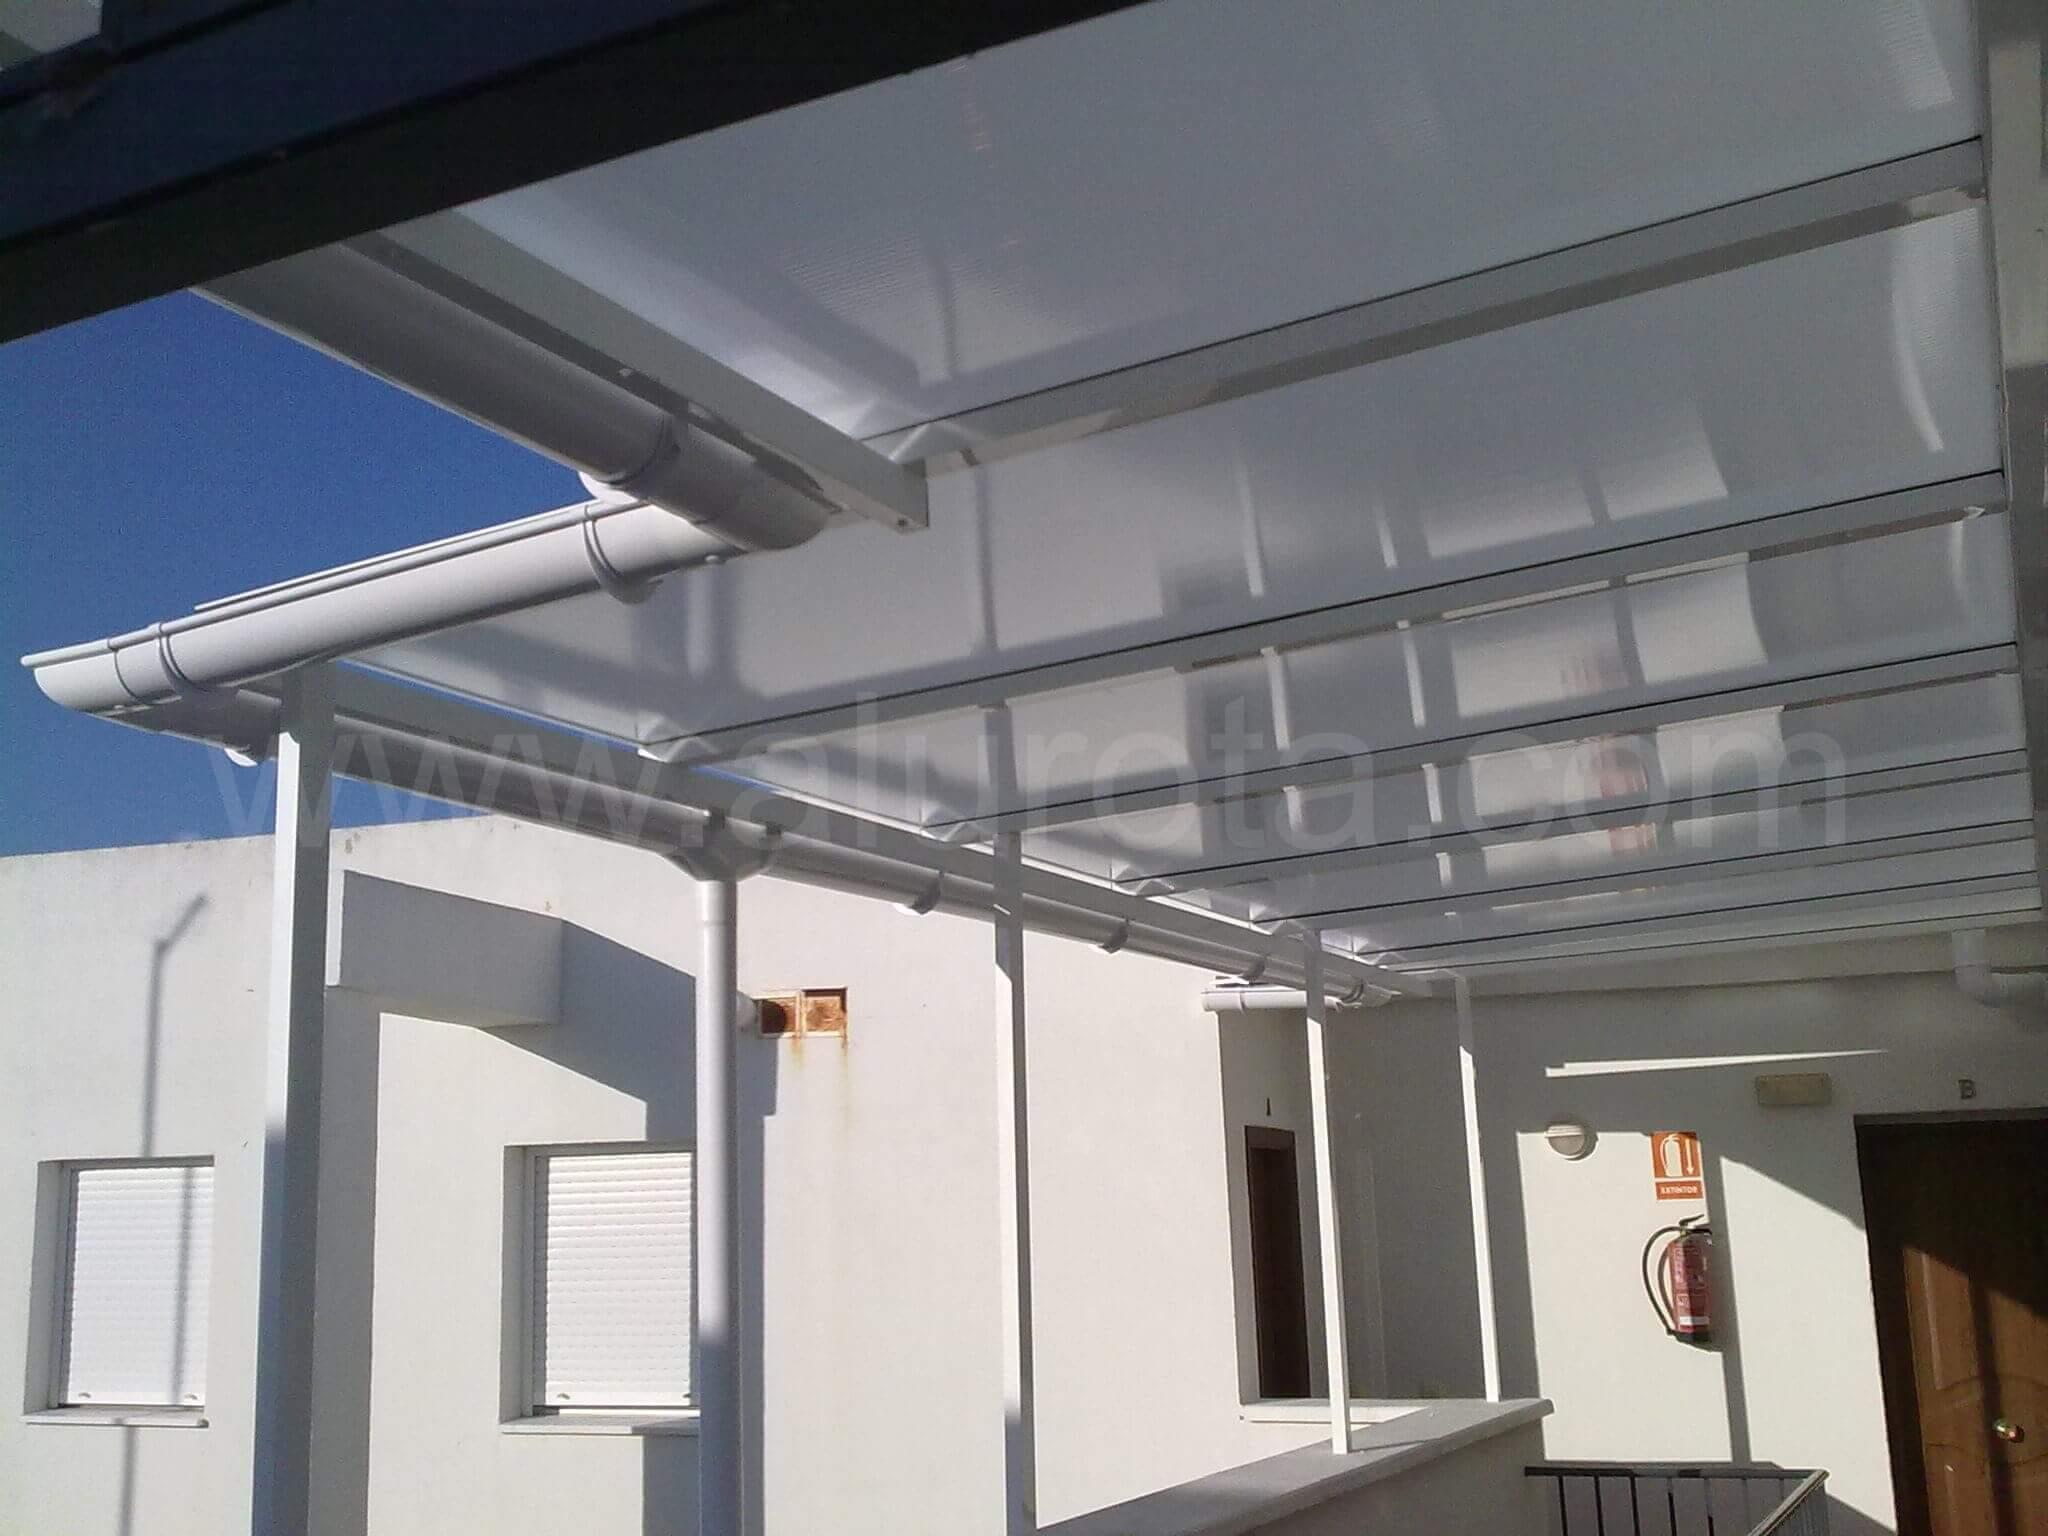 Instalaci n de techo en pasillo exterior alurota for Techos modernos exterior